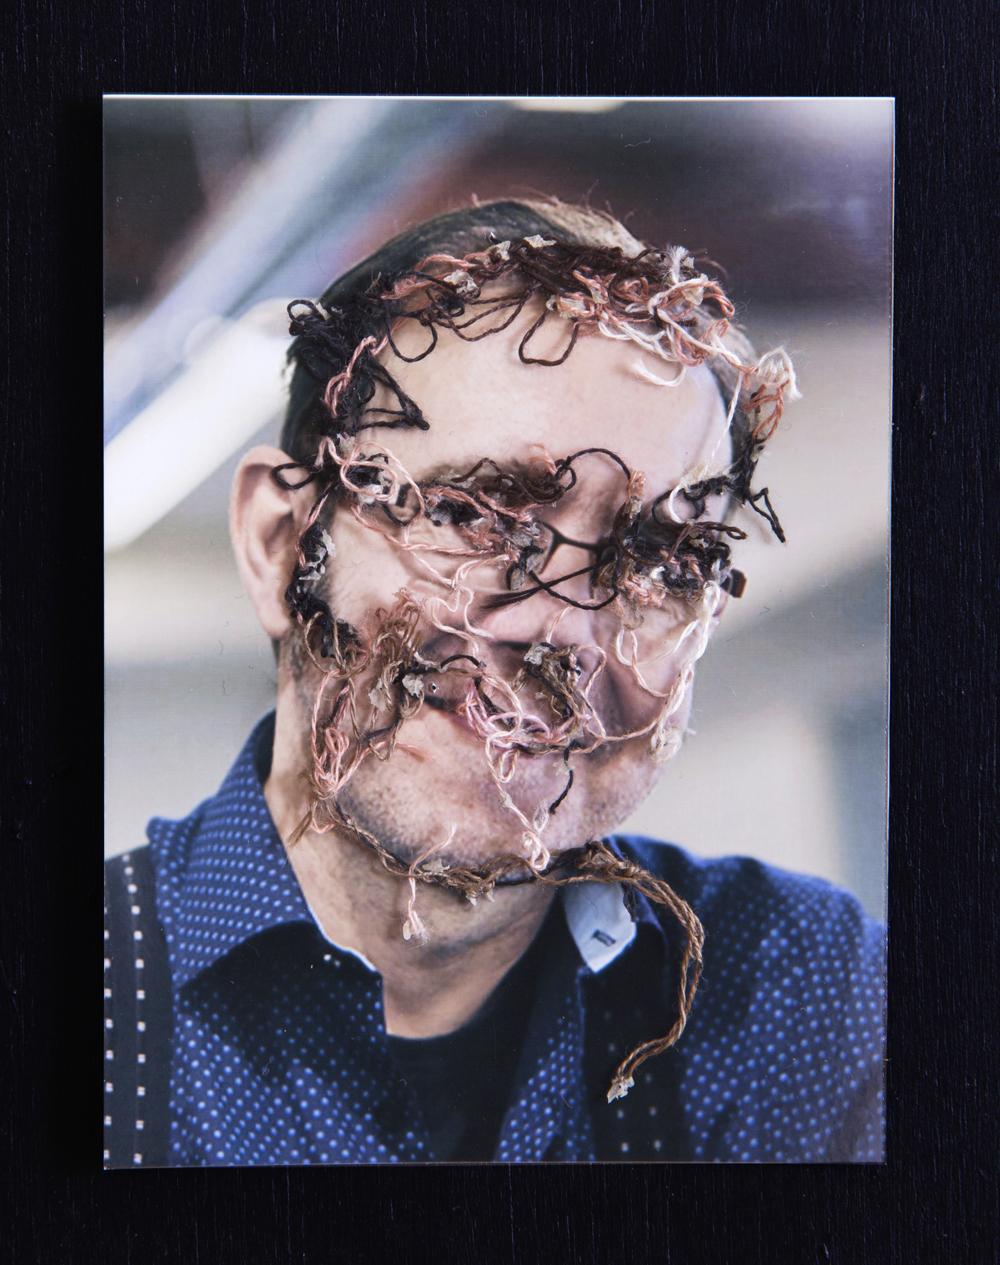 Mi profesor de fotografía, Ciuco. A flor de piel, 18. 10x15 cm. Fotografía, hilo y piel. 2013